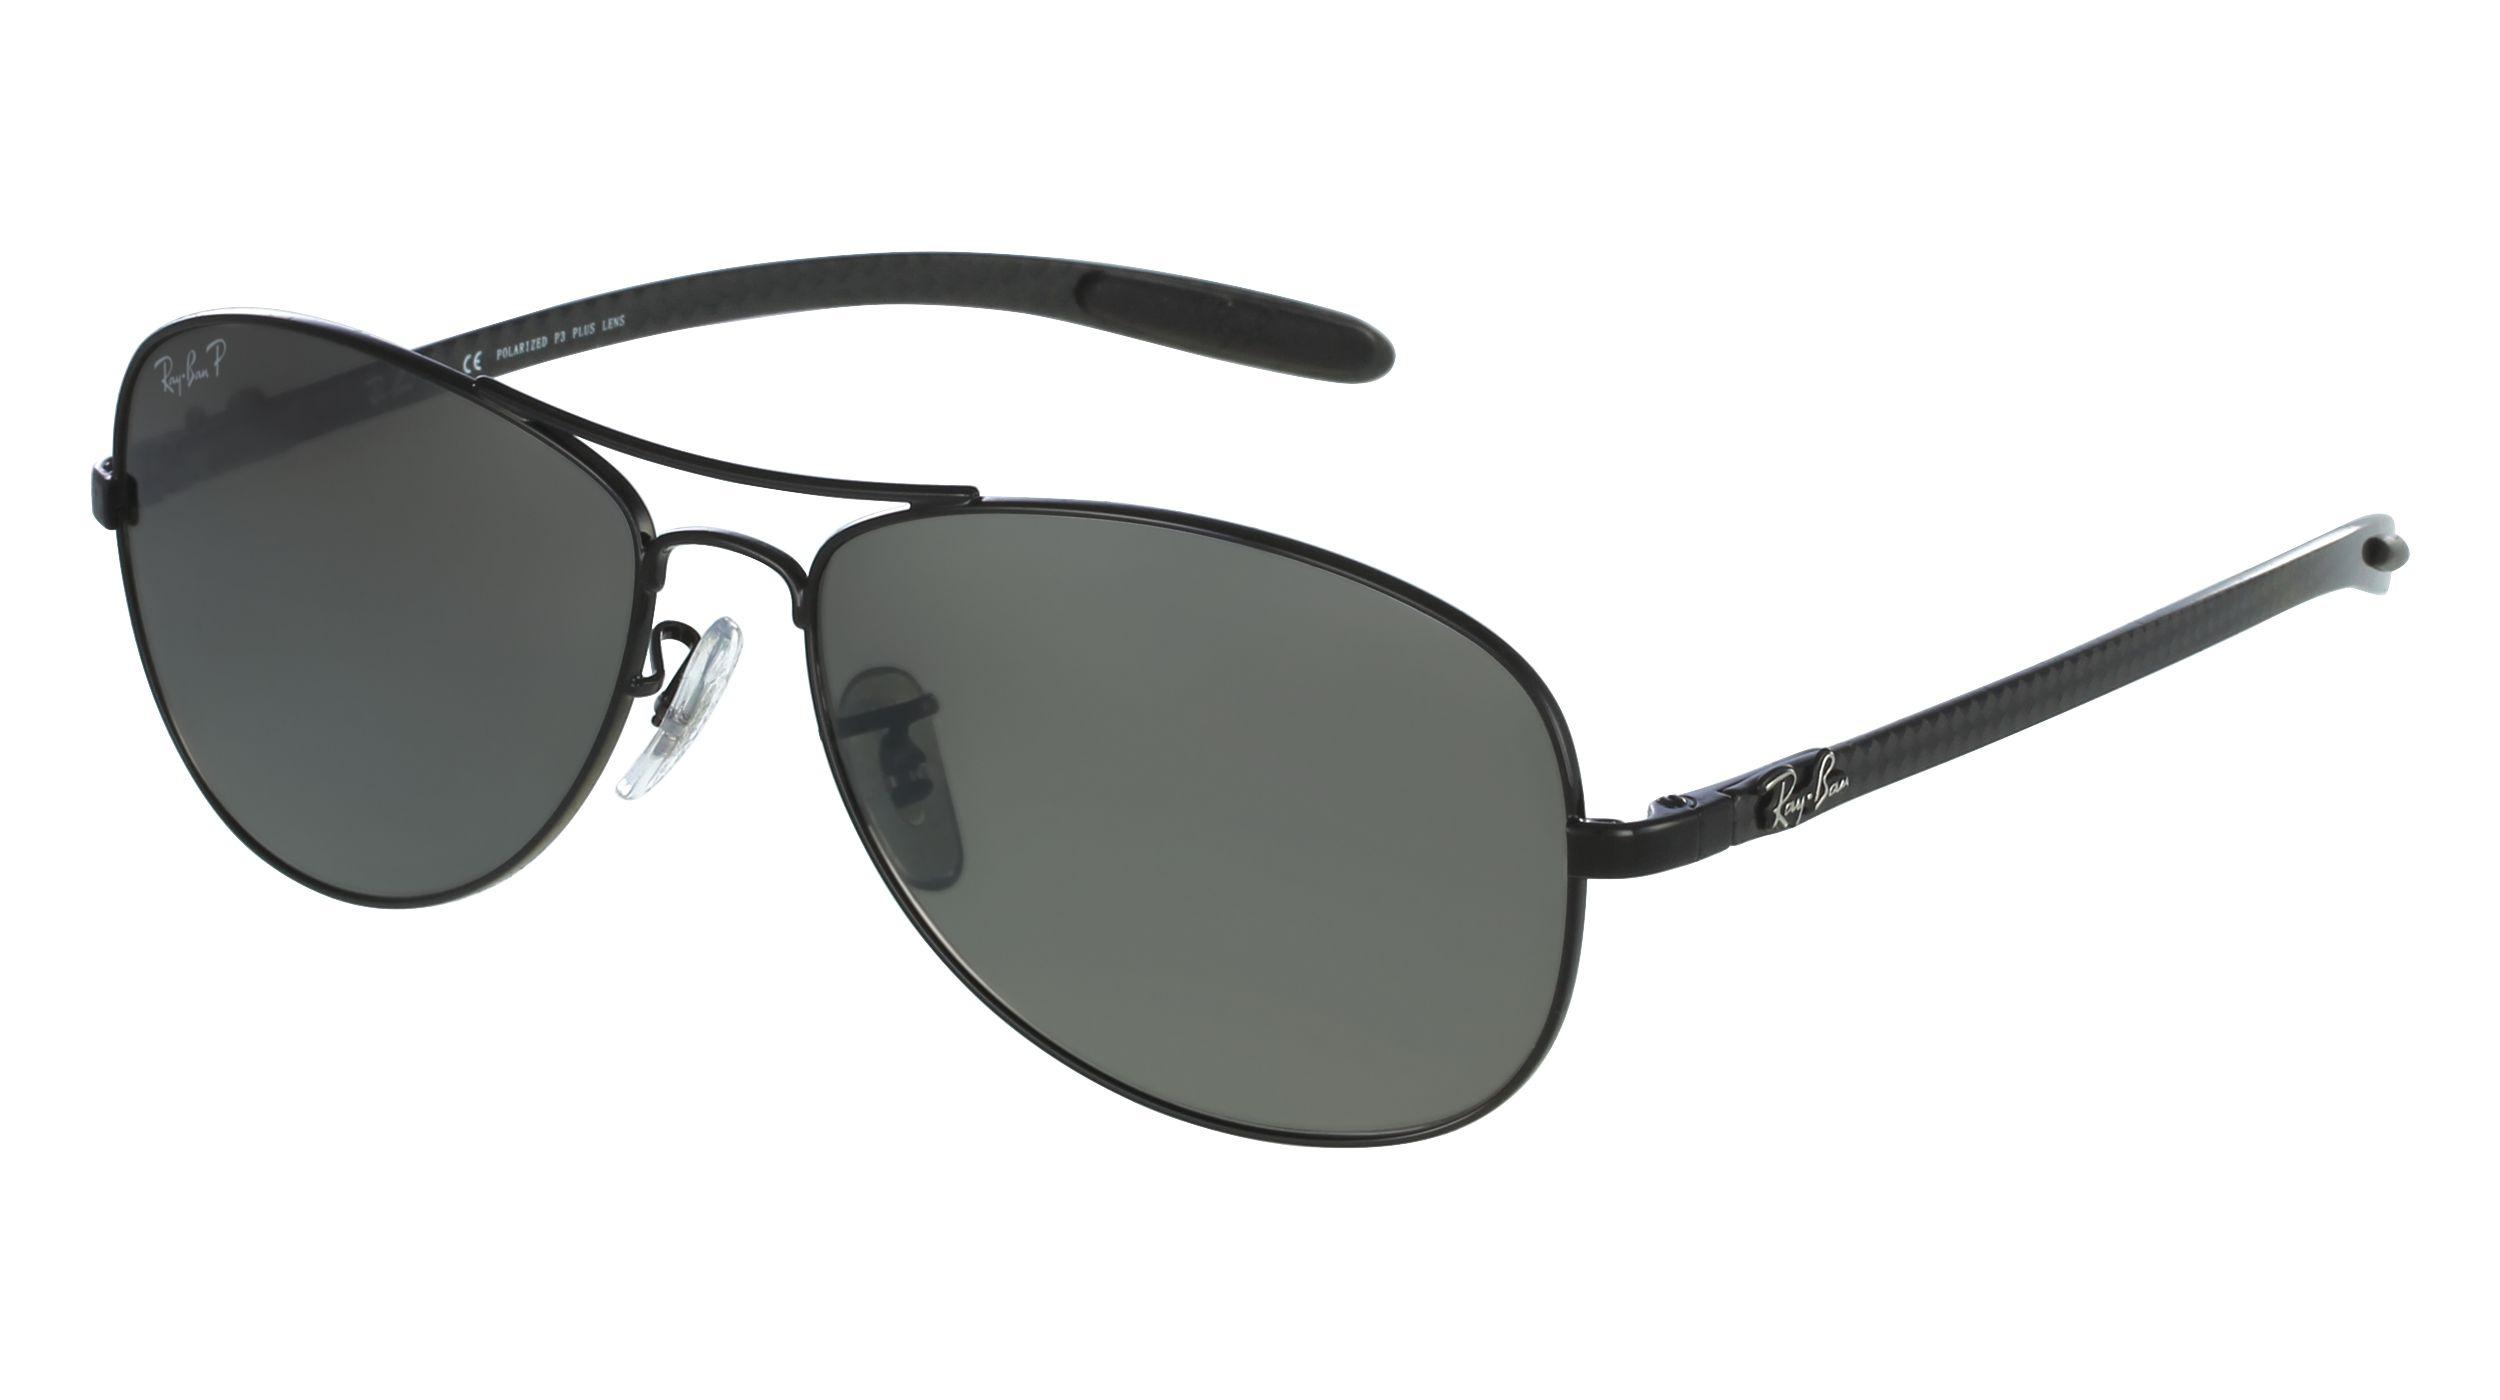 Protéger vos yeux avec des lunettes de soleil